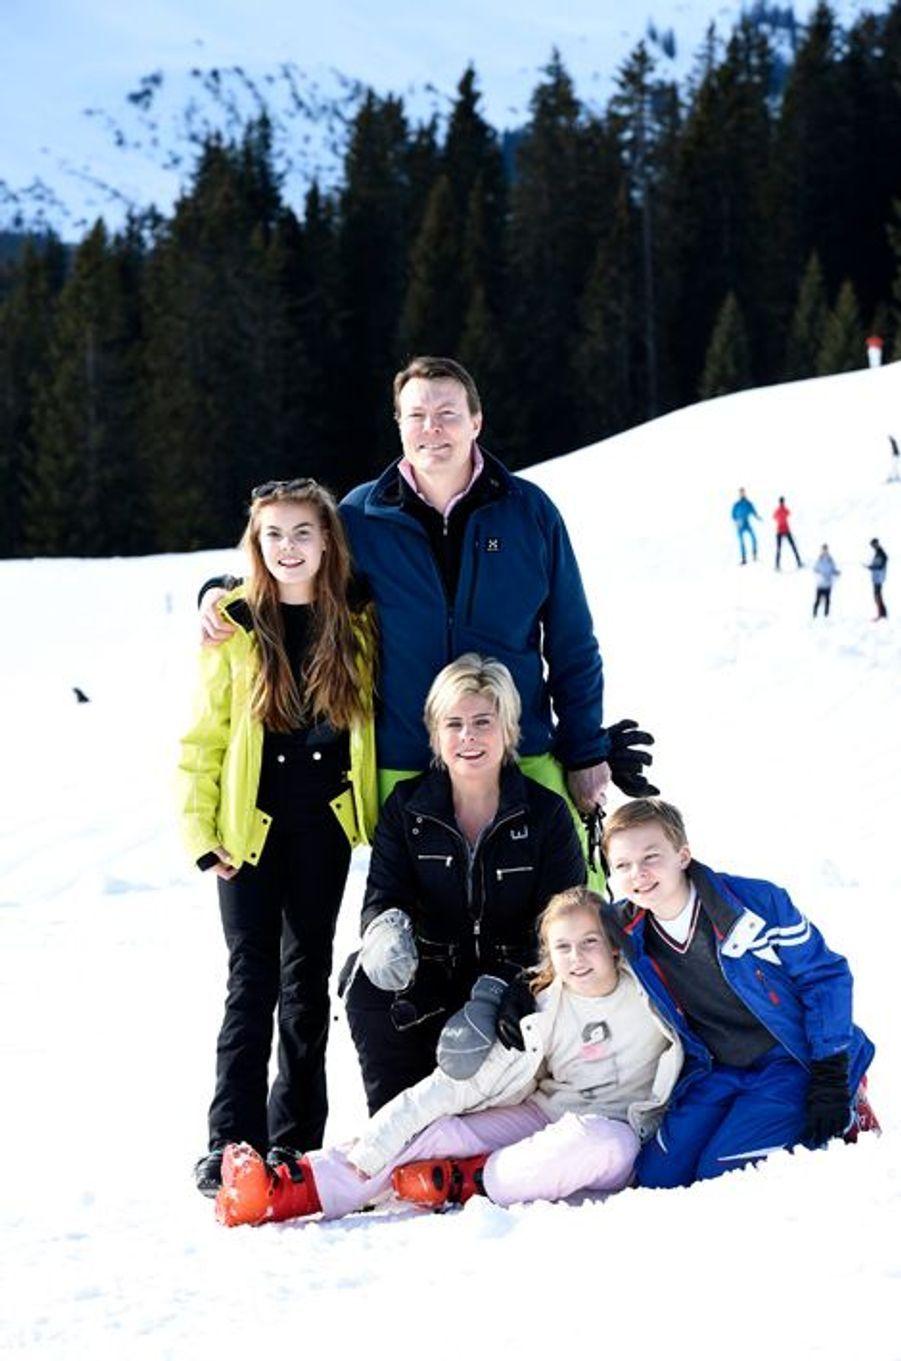 La princesse Laurentien et le prince Constantijn des Pays-Bas avec leurs enfants à Lech, le 22 février 2016